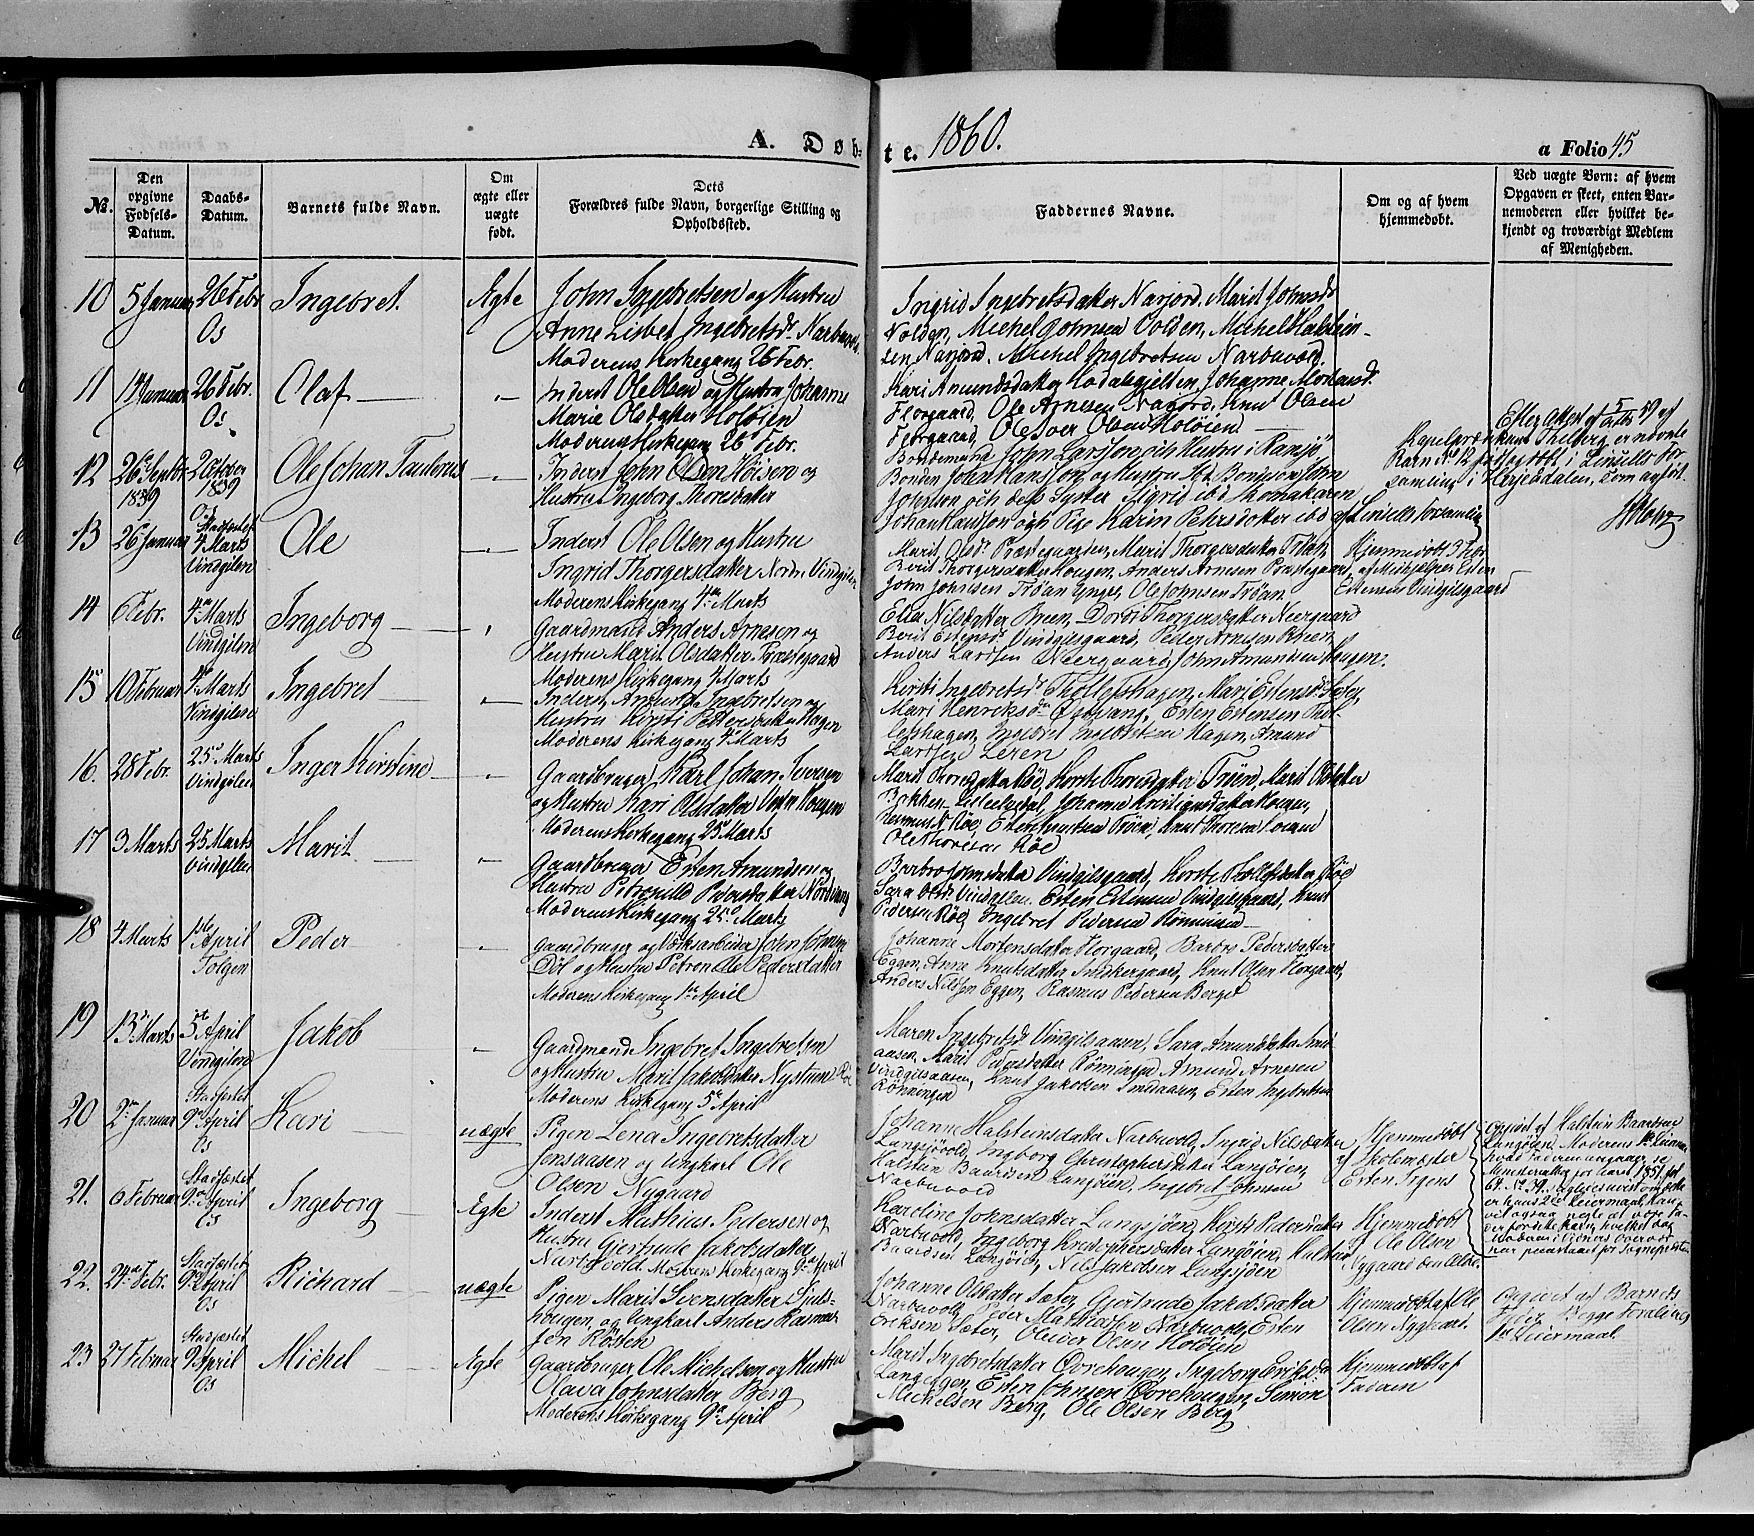 SAH, Tolga prestekontor, K/L0006: Ministerialbok nr. 6, 1852-1876, s. 45